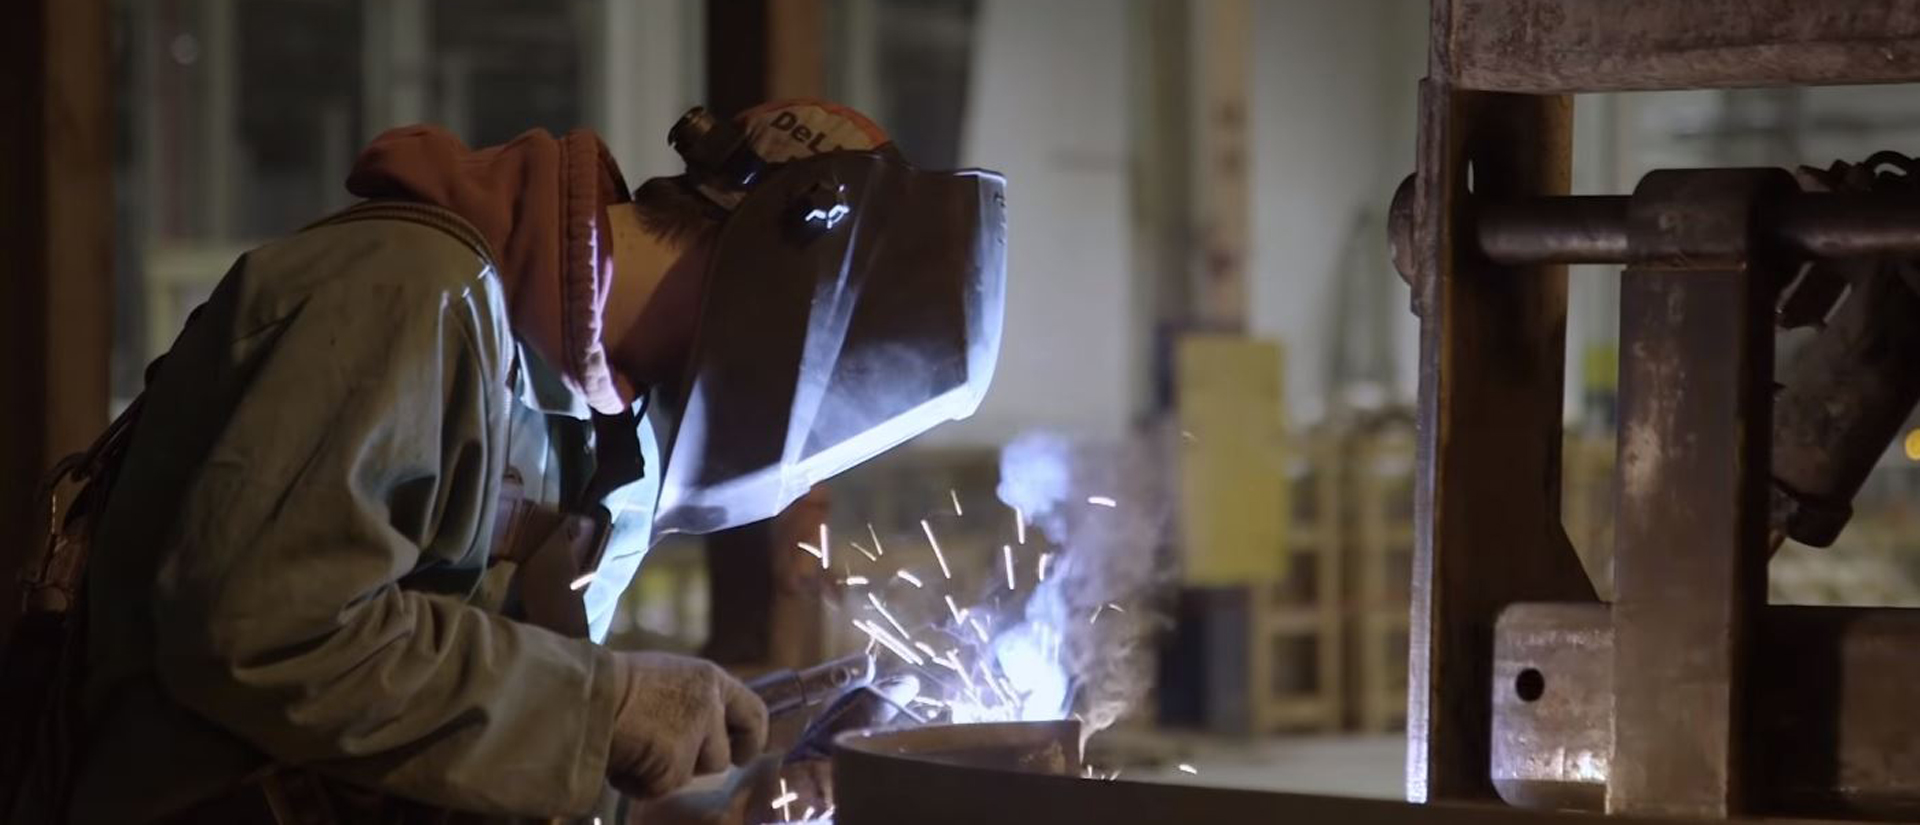 american factory on en sait un peu plus sur le premier documentaire produit par les obamas 8239